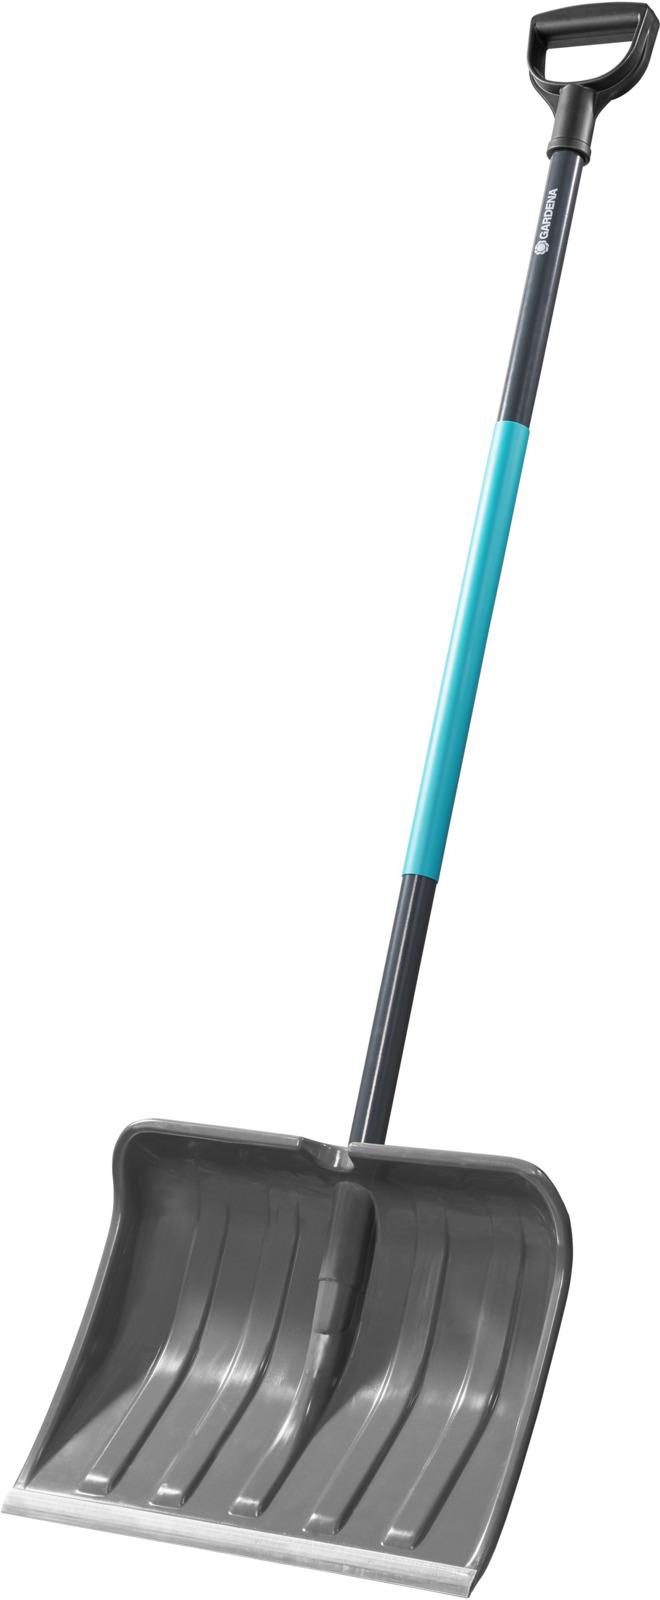 Лопата для уборки снега Gardena ClassicLine, цвет: бирюзовый, серый, 40 см